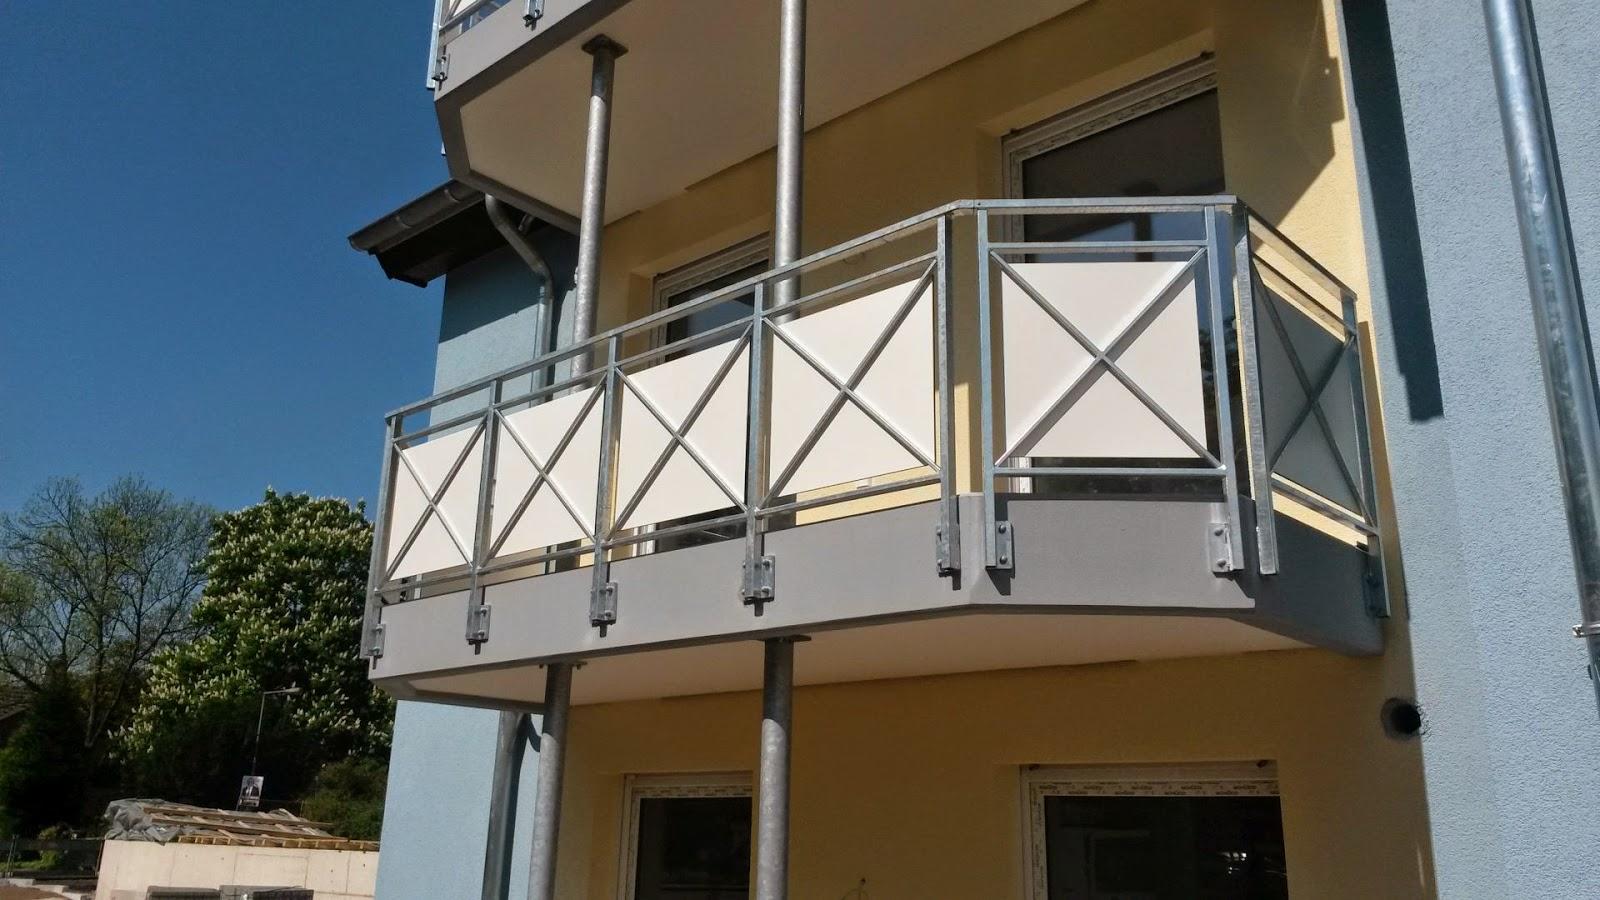 Balkongelander Metall Selber Bauen Willkommen Bei Der Zimmerei Und